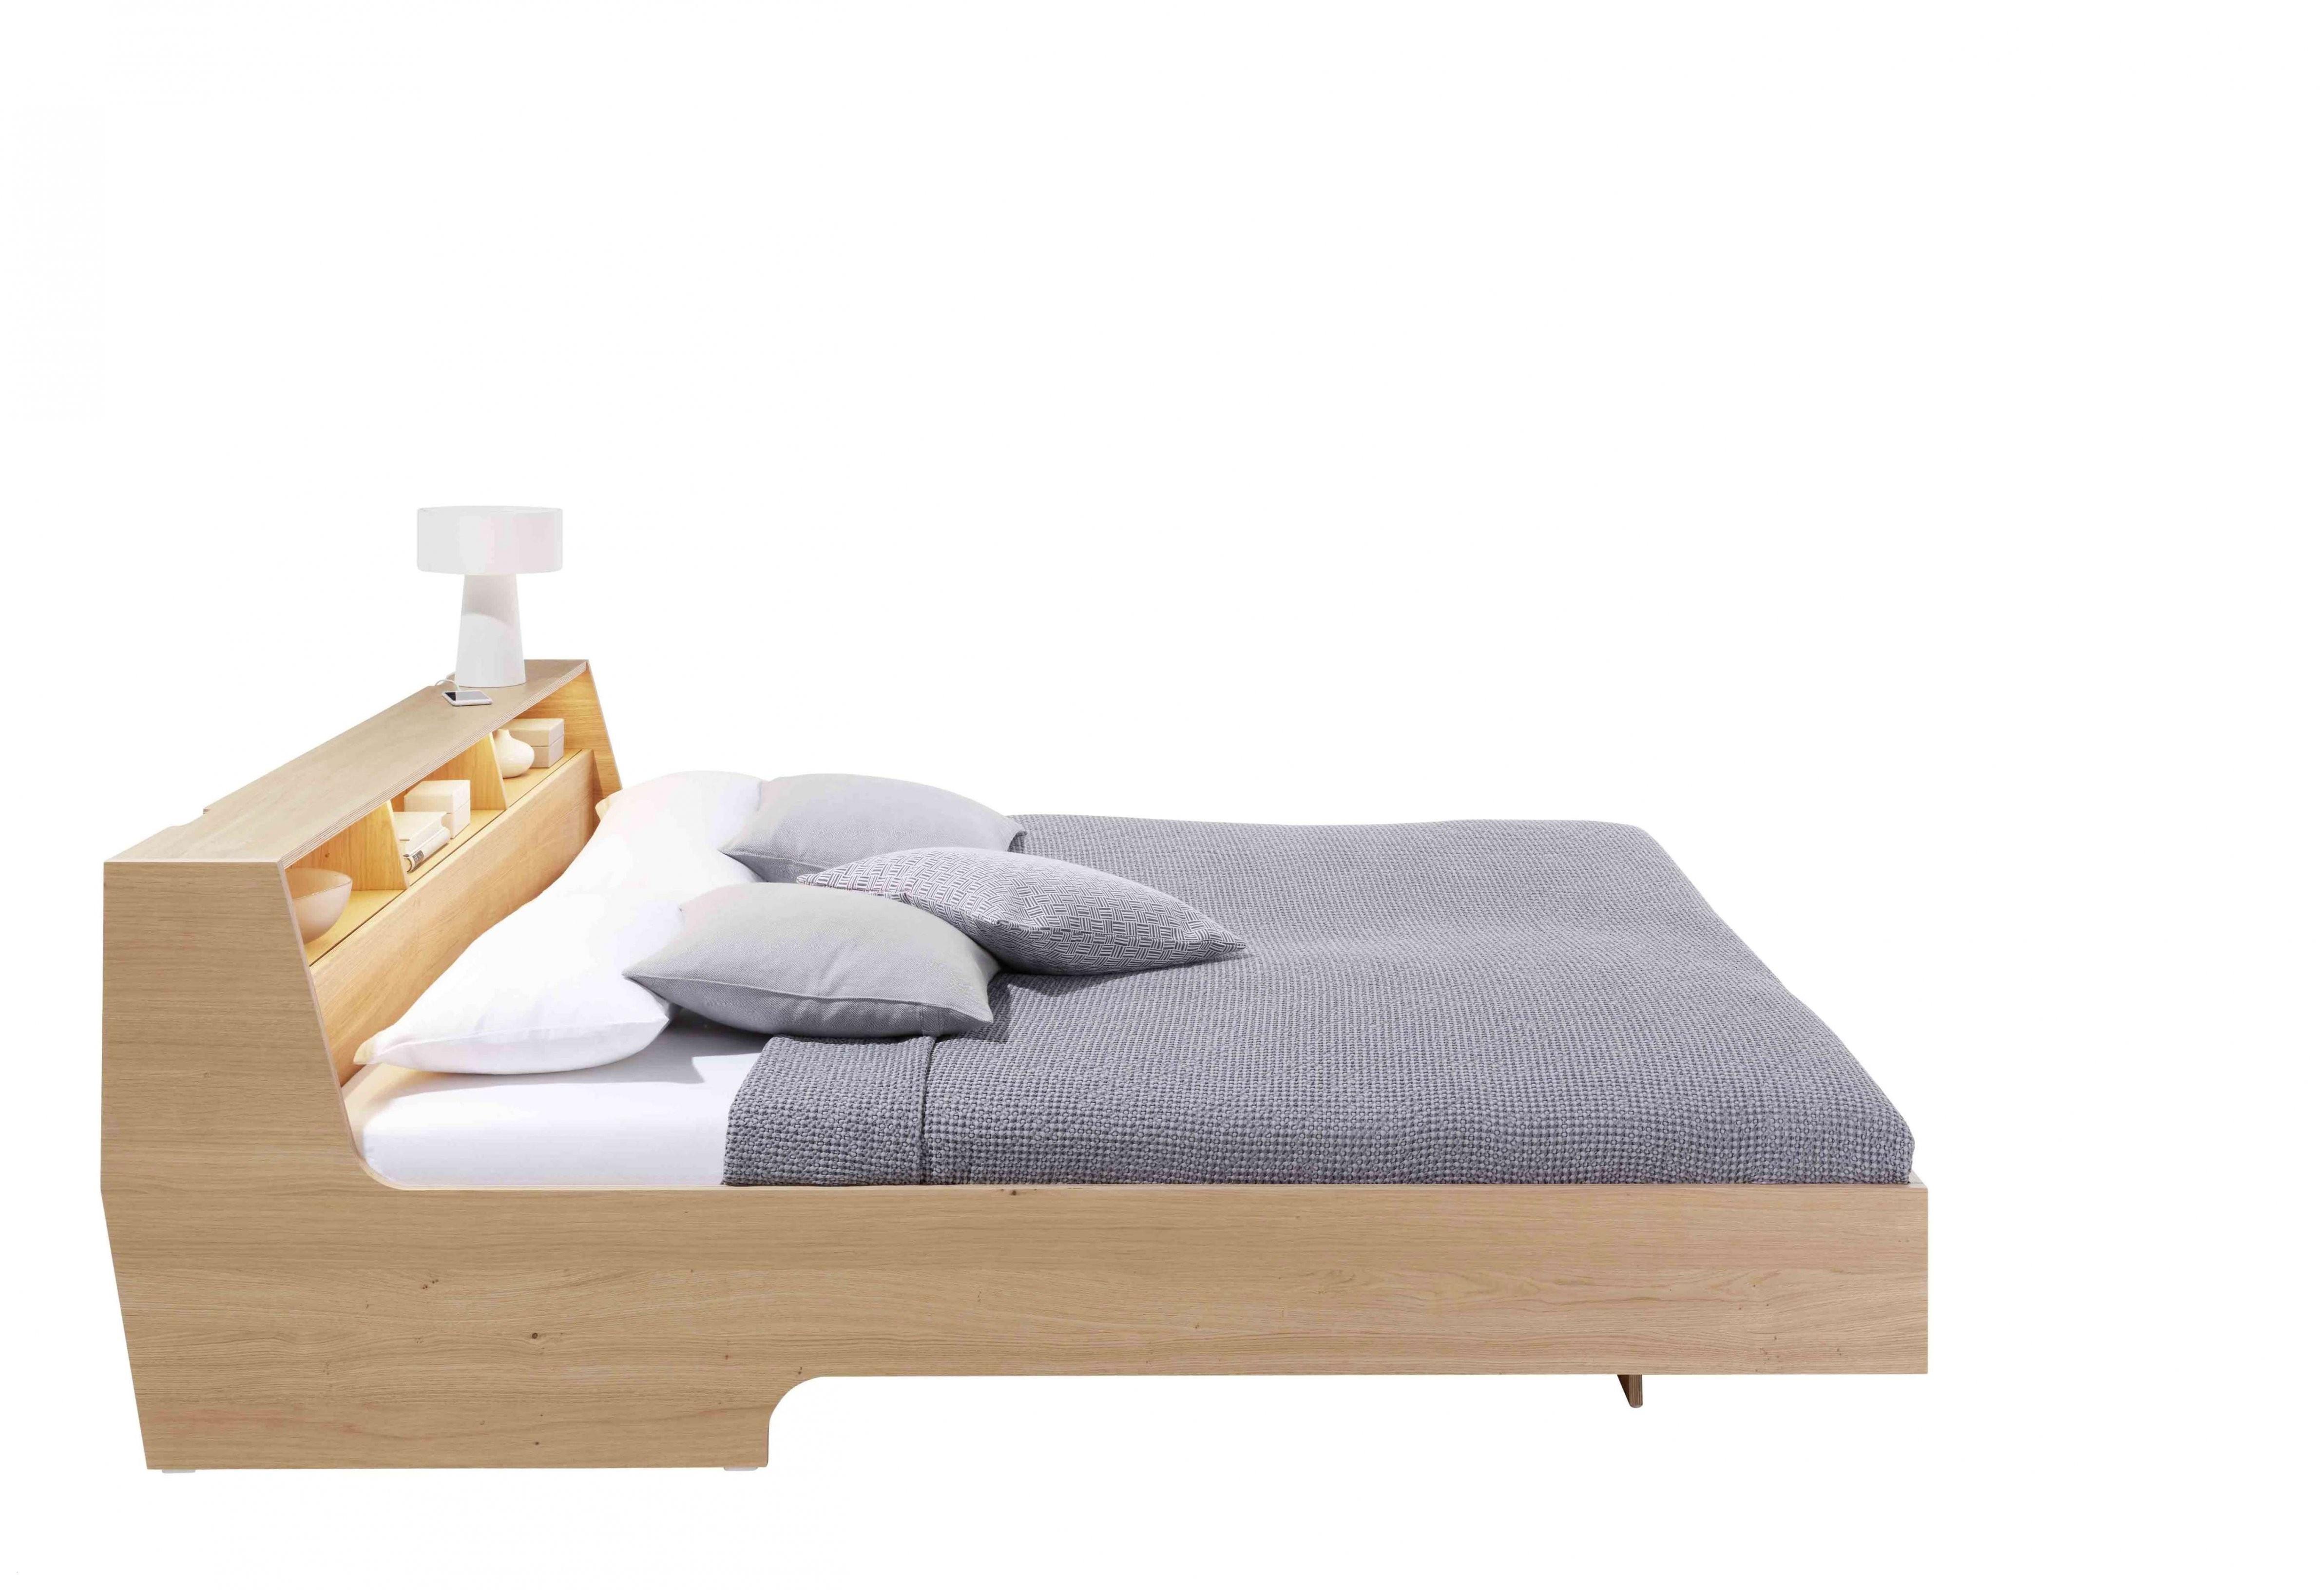 Schön Hohes Bett  Cognovant von Hohes Bett 180X200 Bild